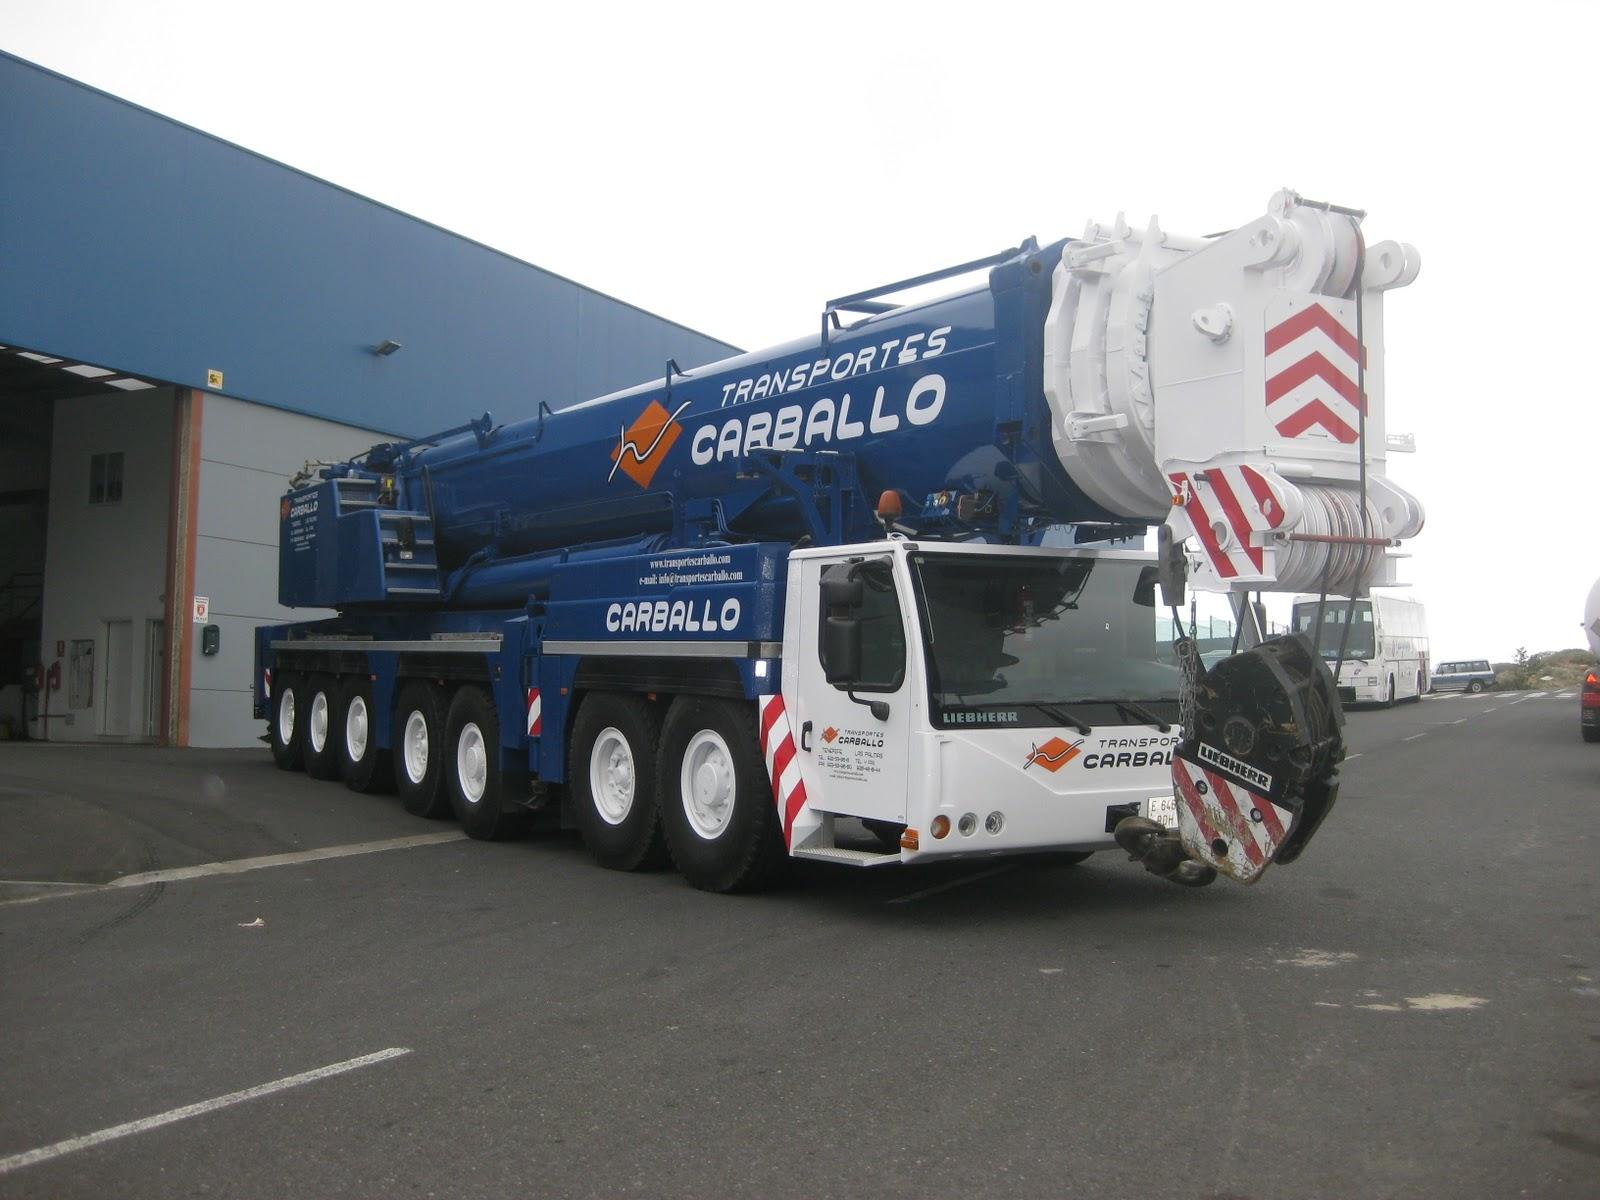 Camiones de canarias transportes carballo se desplaza a la isla de el hierro - Transporte entre islas canarias ...